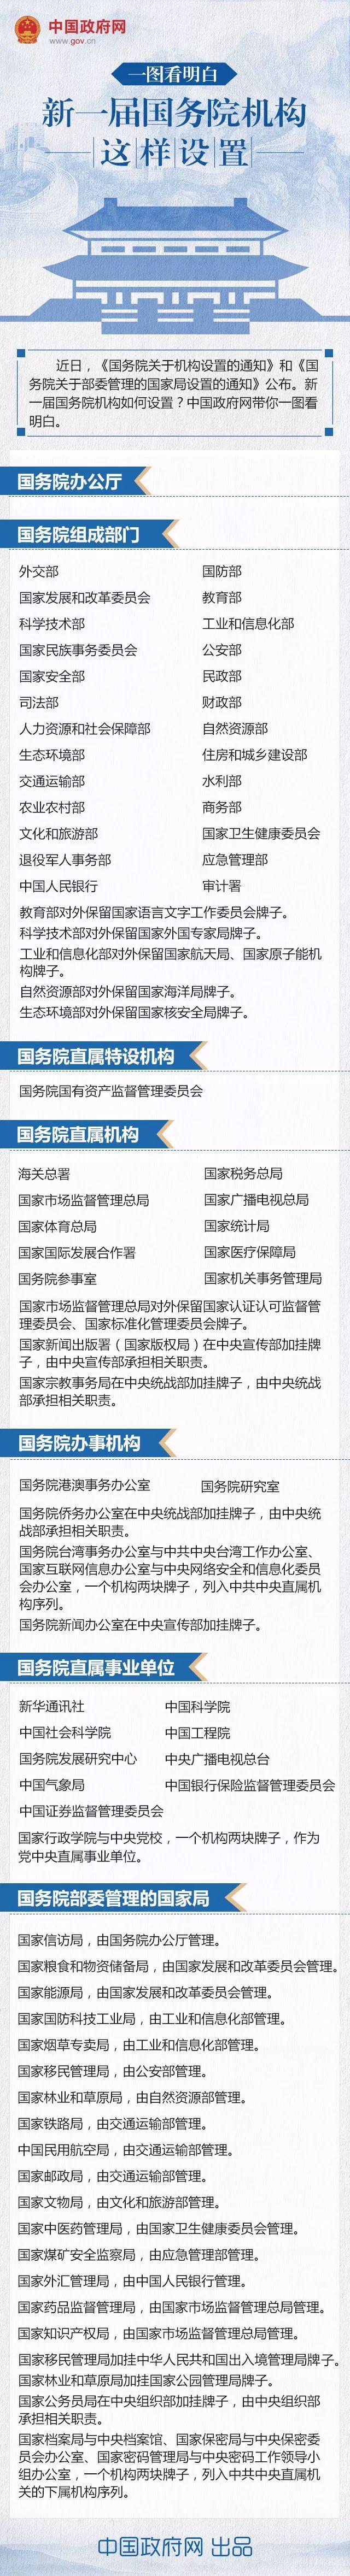 {海通姜超:三四线地产销售反弹存隐忧3月来销量增速回落}